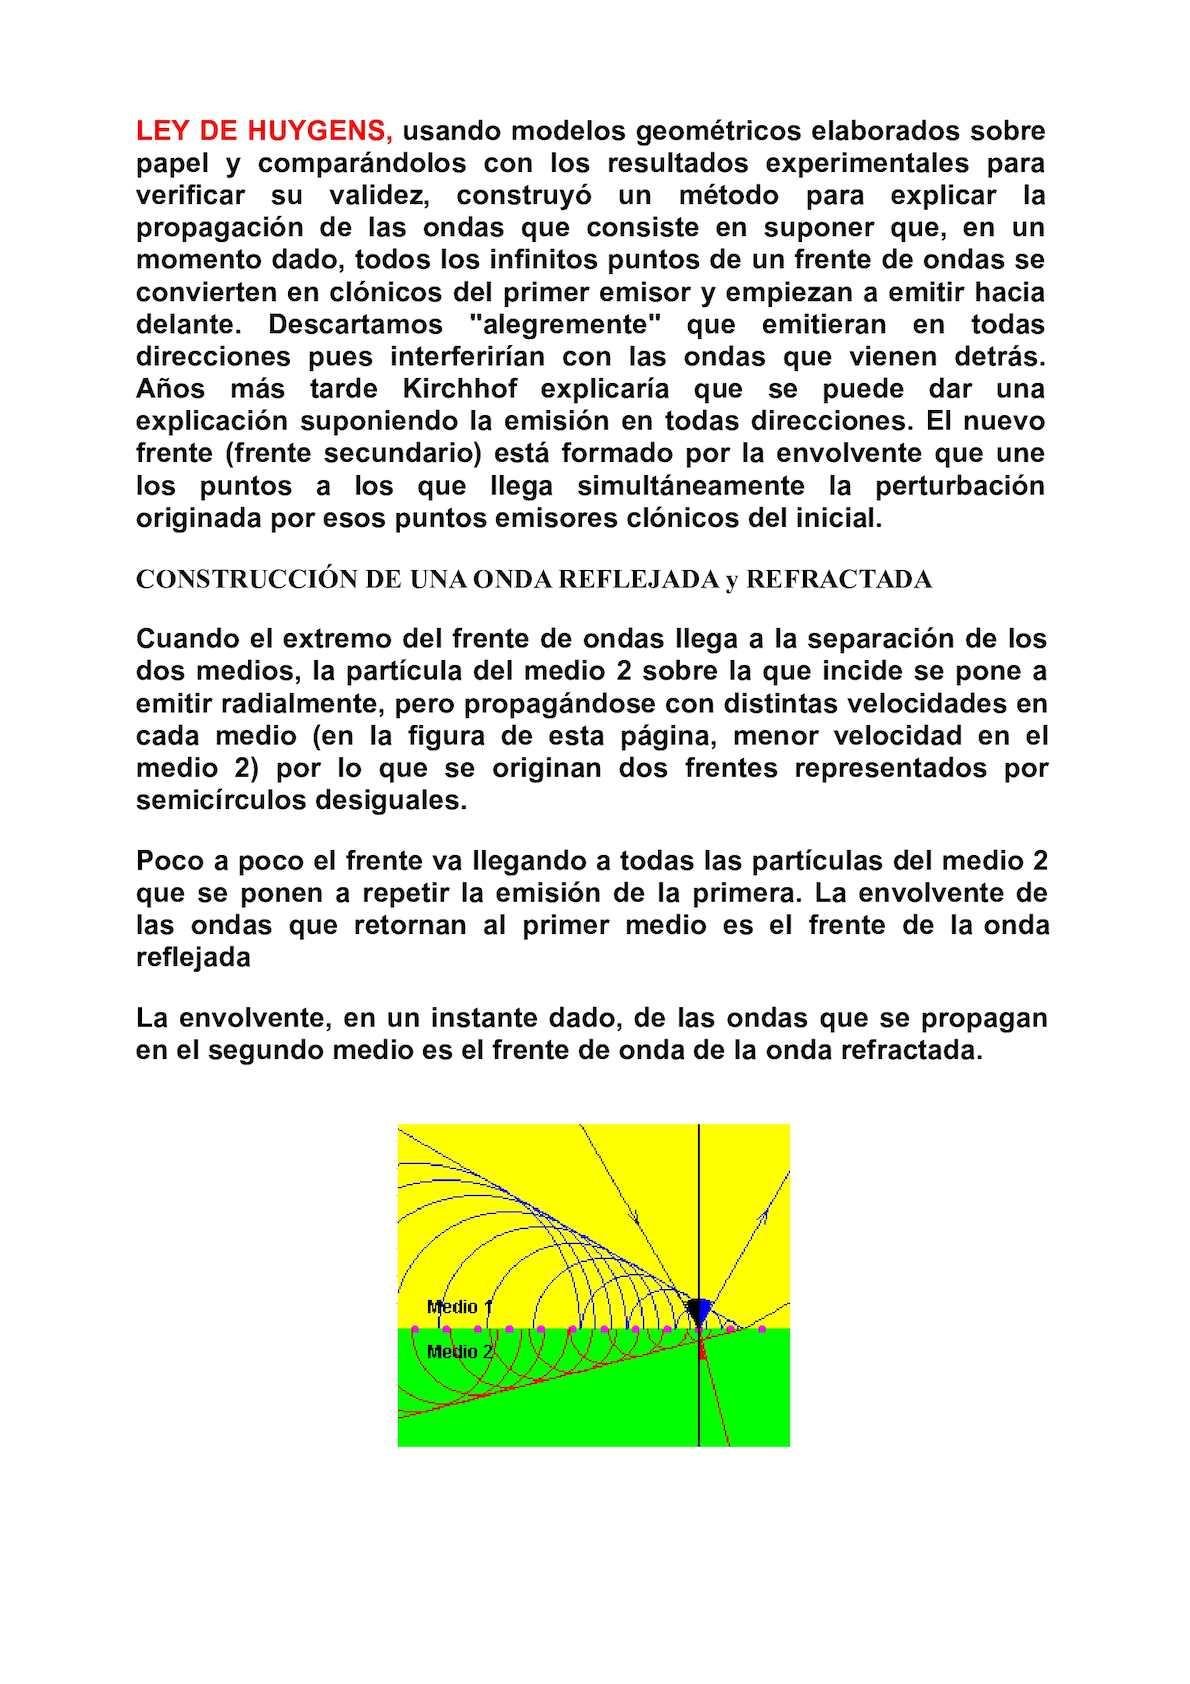 Alrededor De 1860 El Físico Danés Huygens Propuso Un Mecanismo Simple Para Trazar La Propagación De Ondas